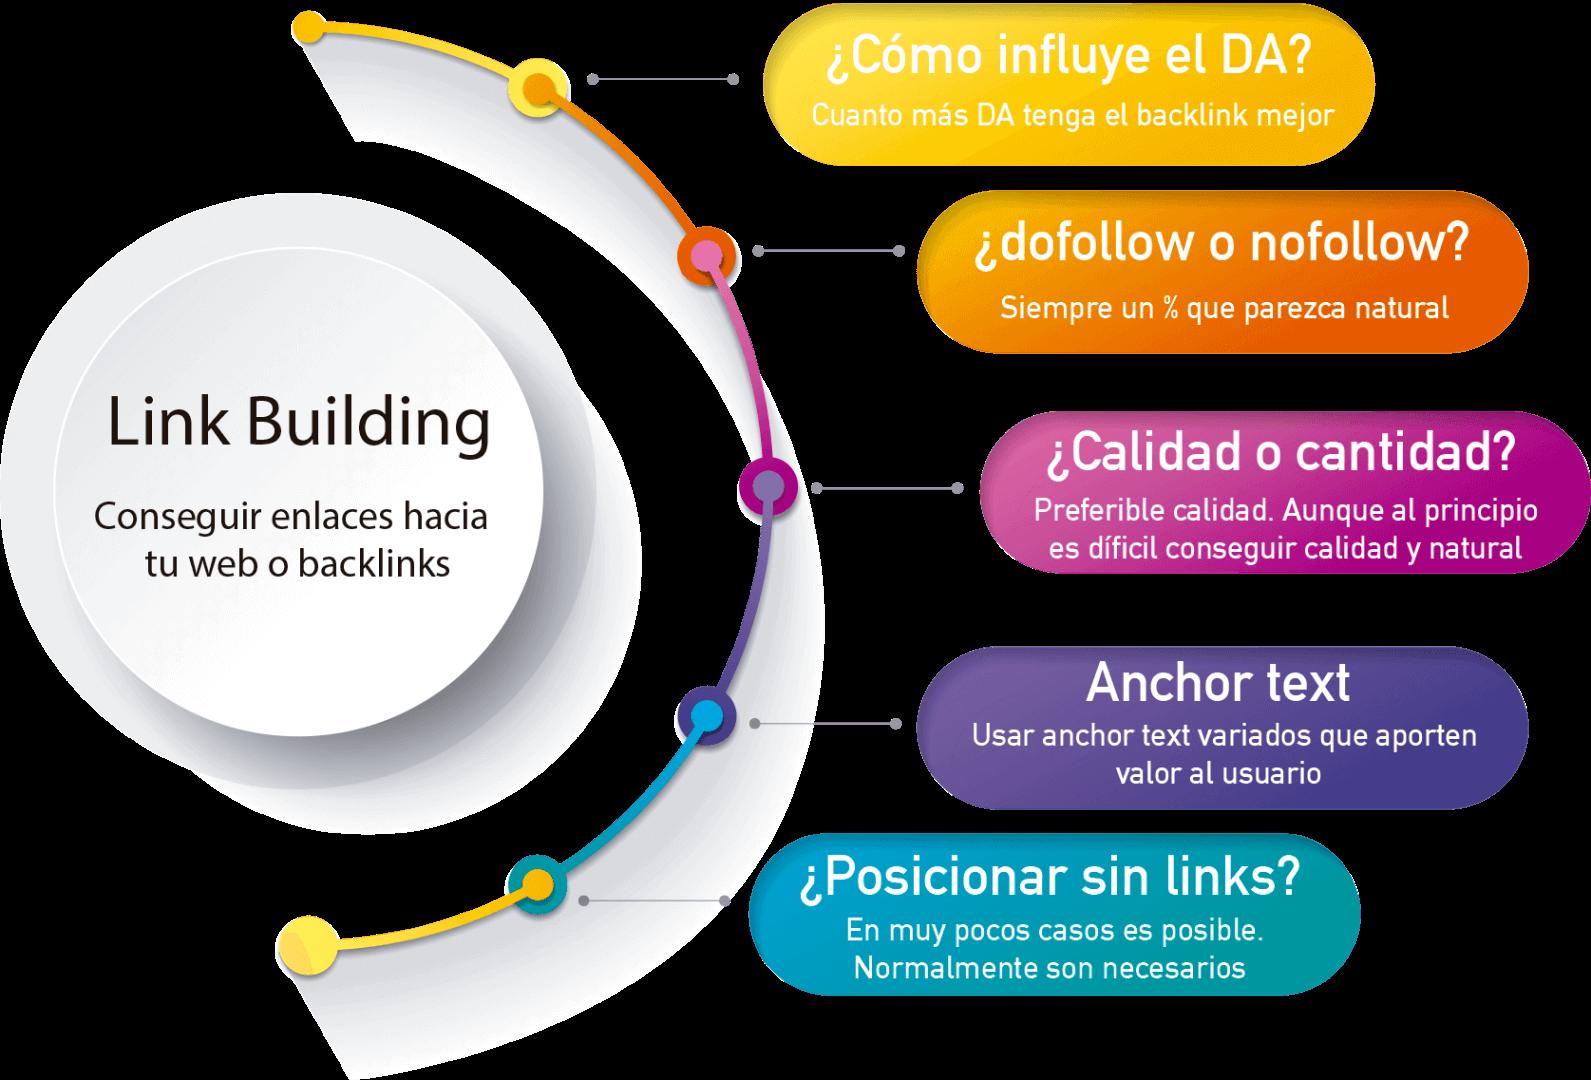 servicio de link building en España 2